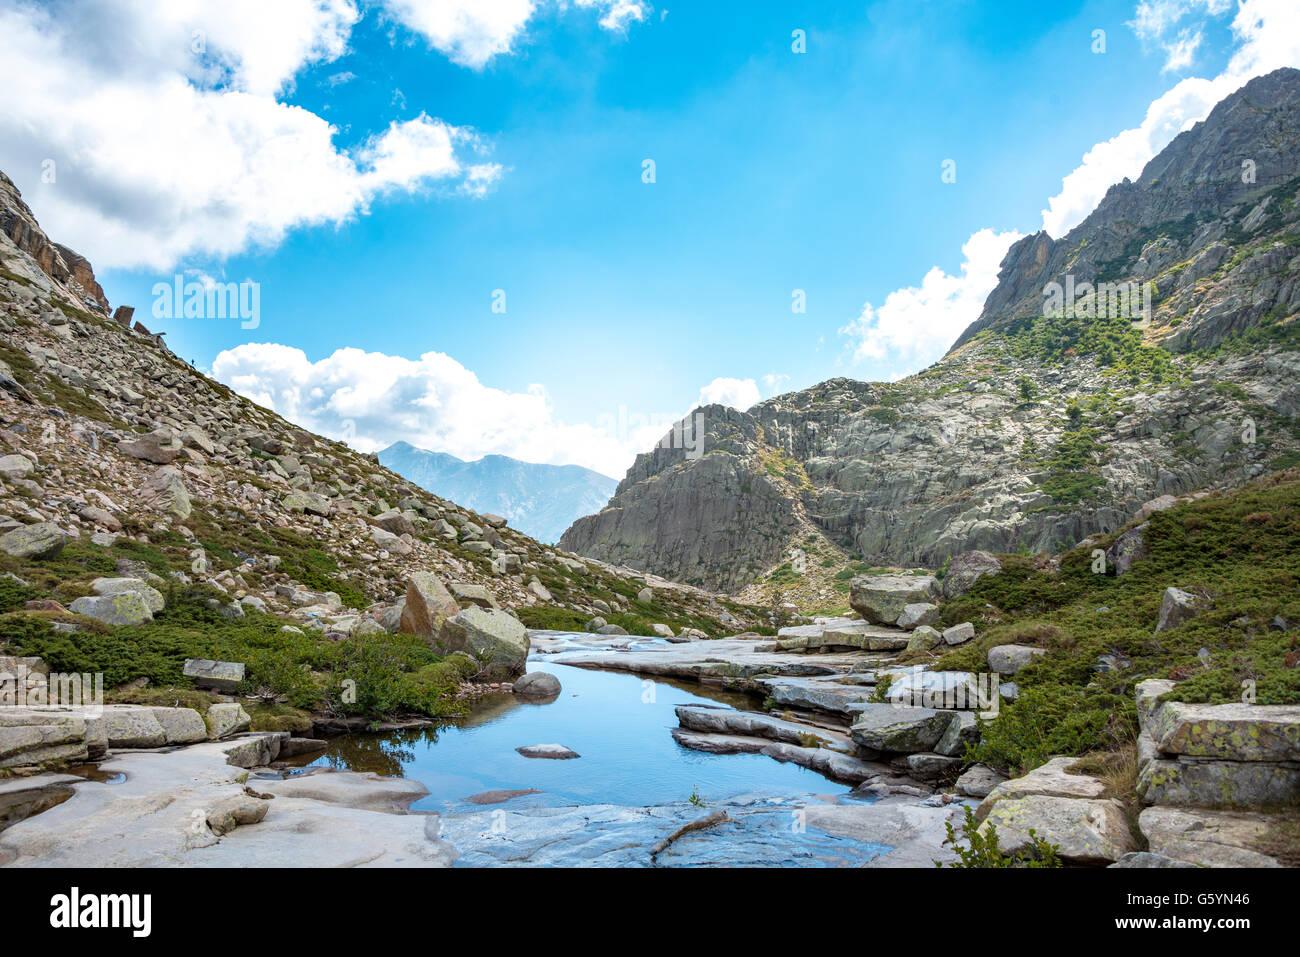 Piscina en las montañas, el río Golo, Parque Natural de Córcega, Parc naturel régional de Corse, Córcega, Francia Foto de stock